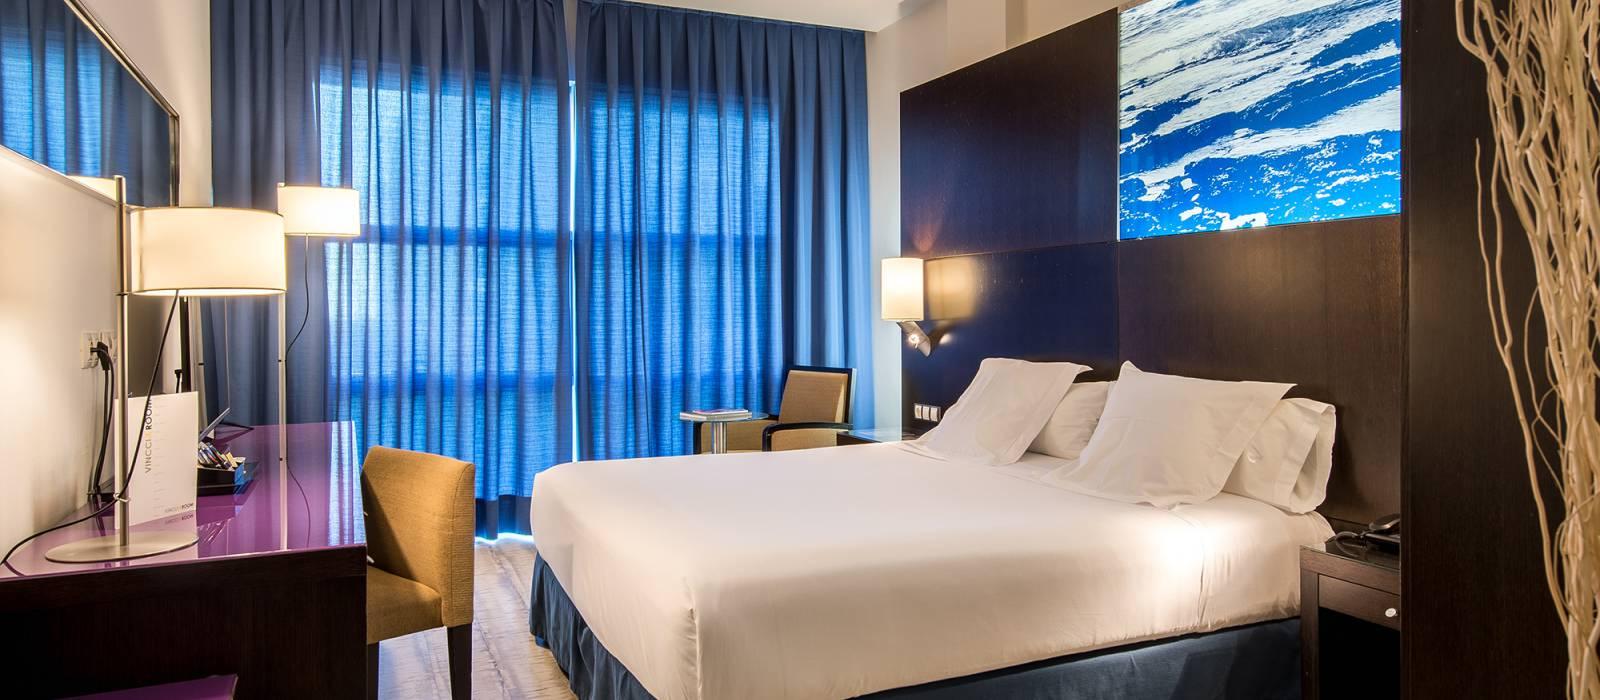 Angebote Hotel Vincci Barcelona Maritime - Jetzt buchen und 10% sparen!